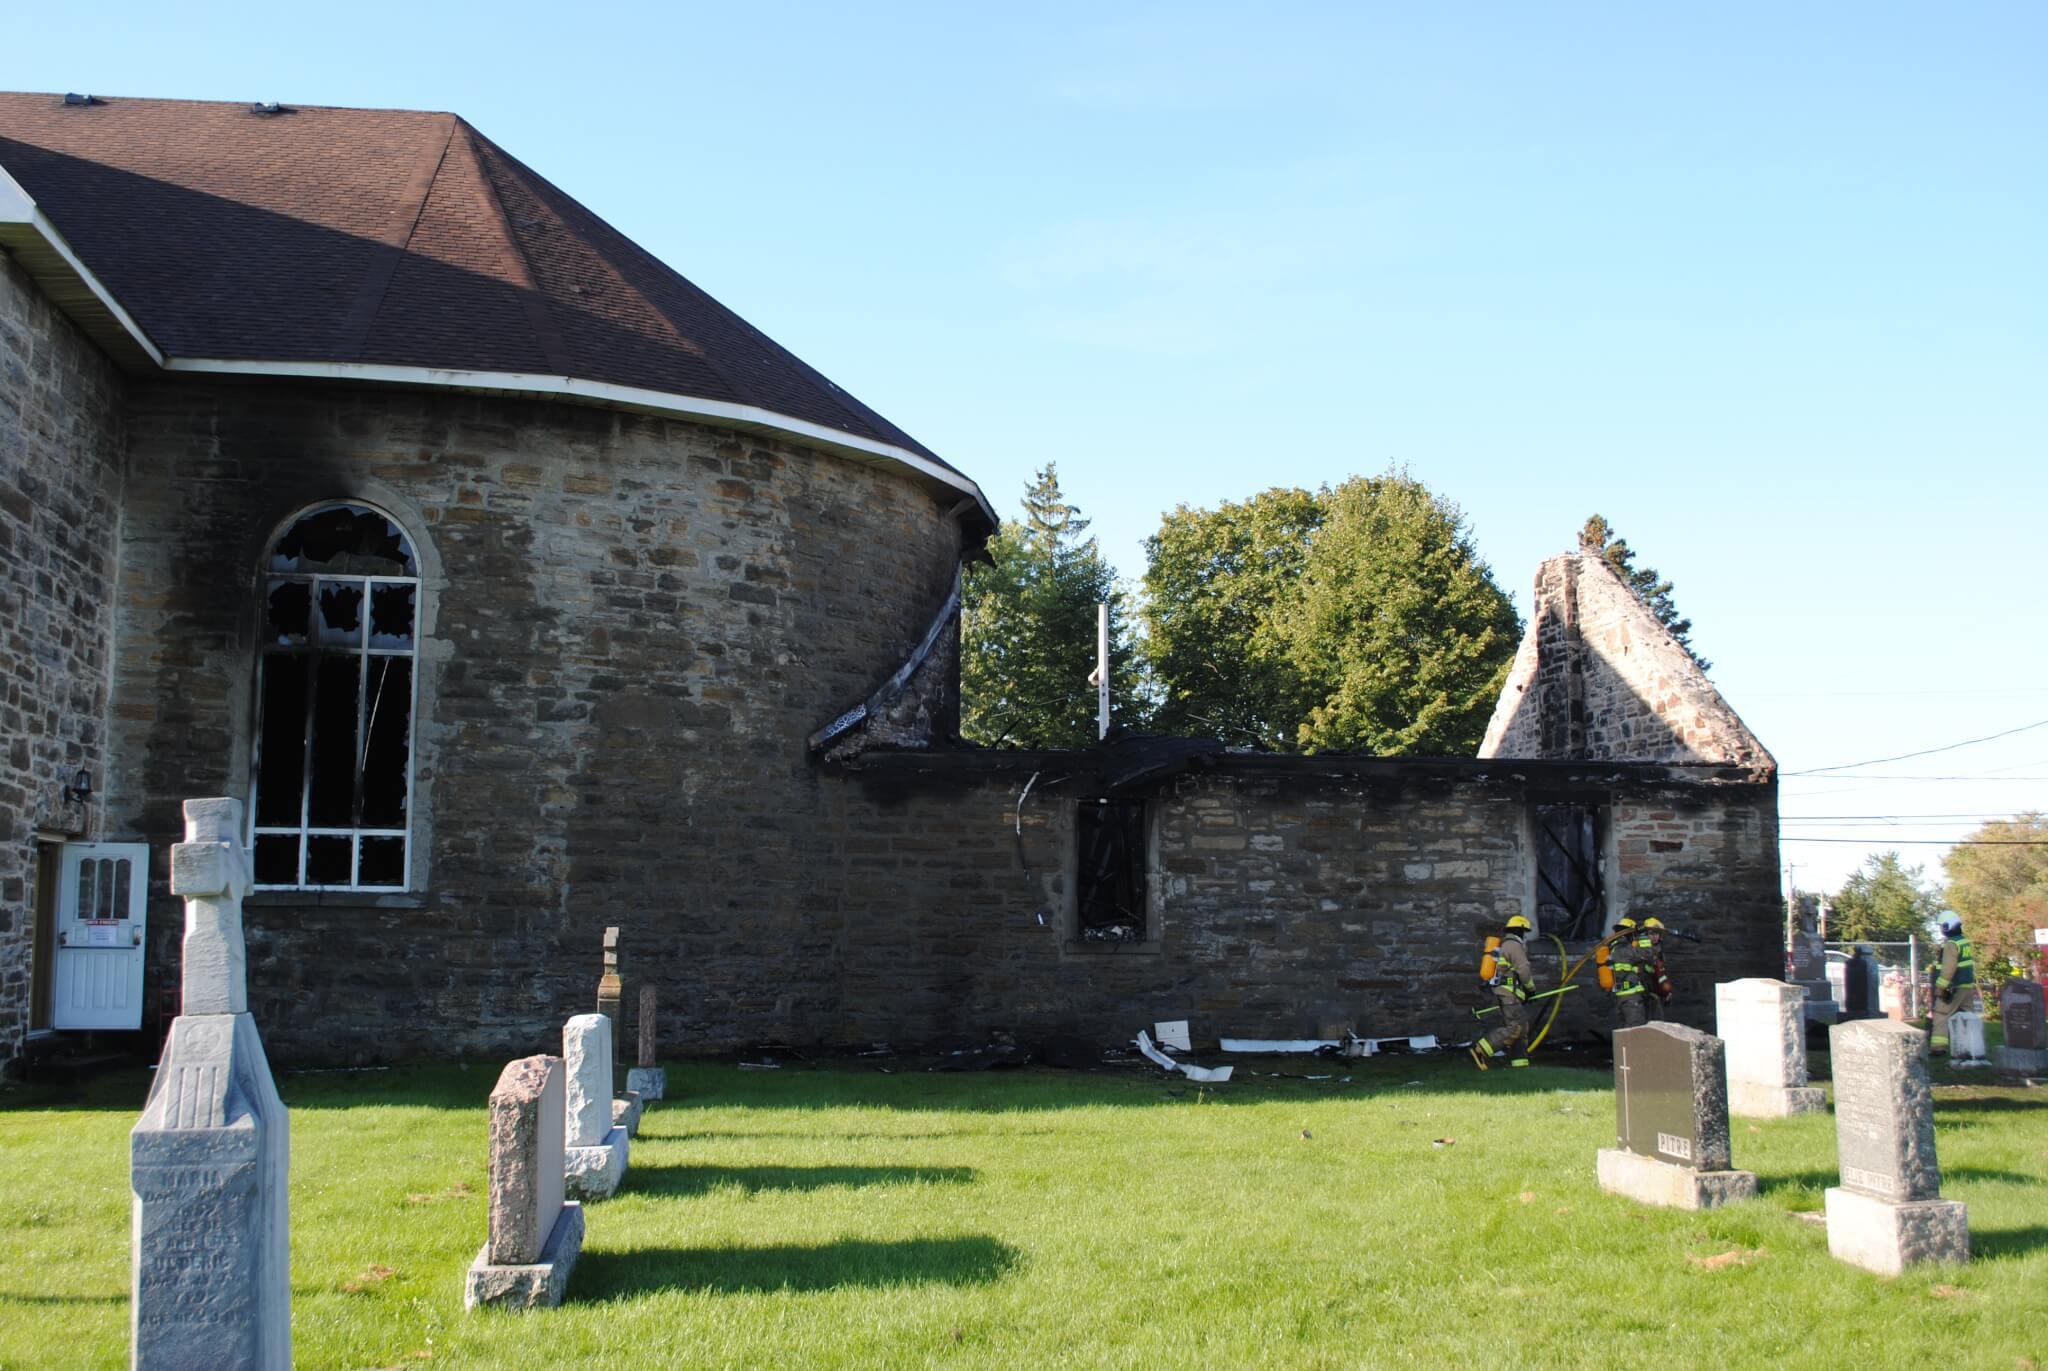 Incendie de l'église: la Ville de Mercier remercie les intervenants